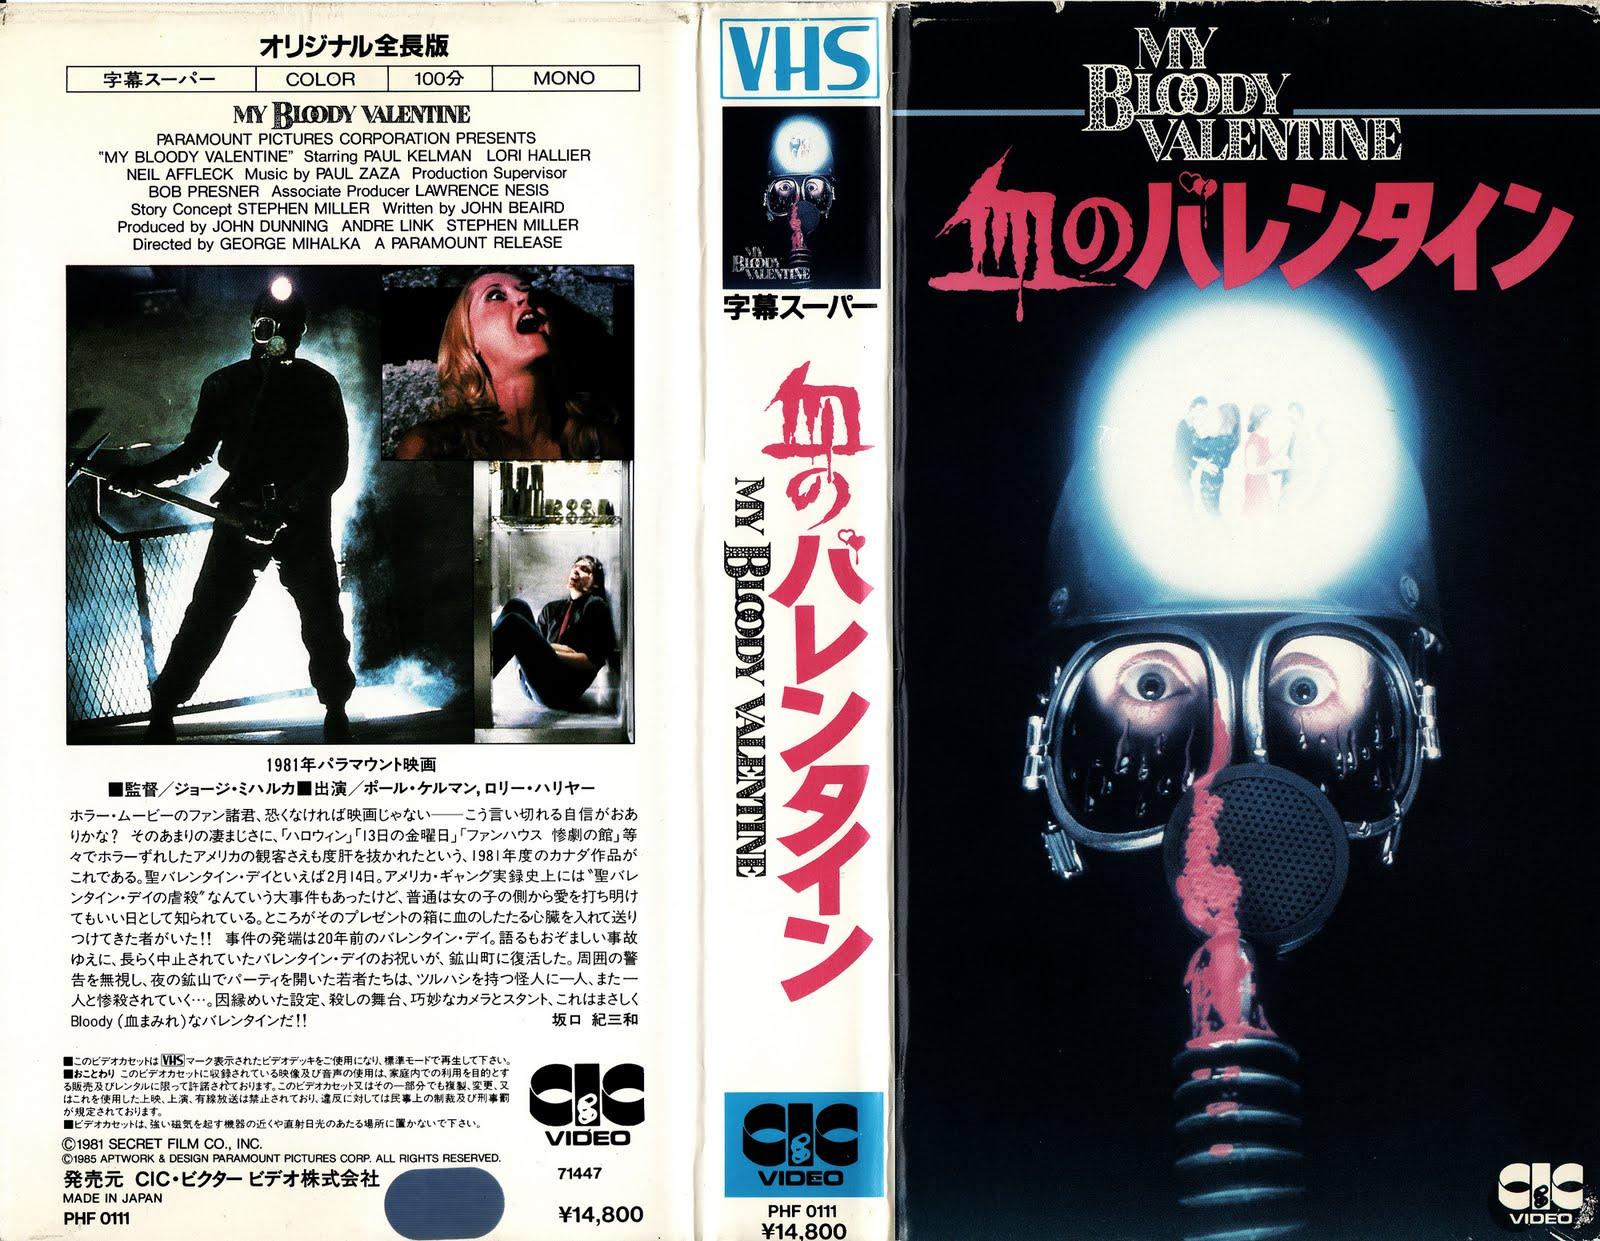 MY BLOODY VALENTINE(1981) 血のバレンタイン